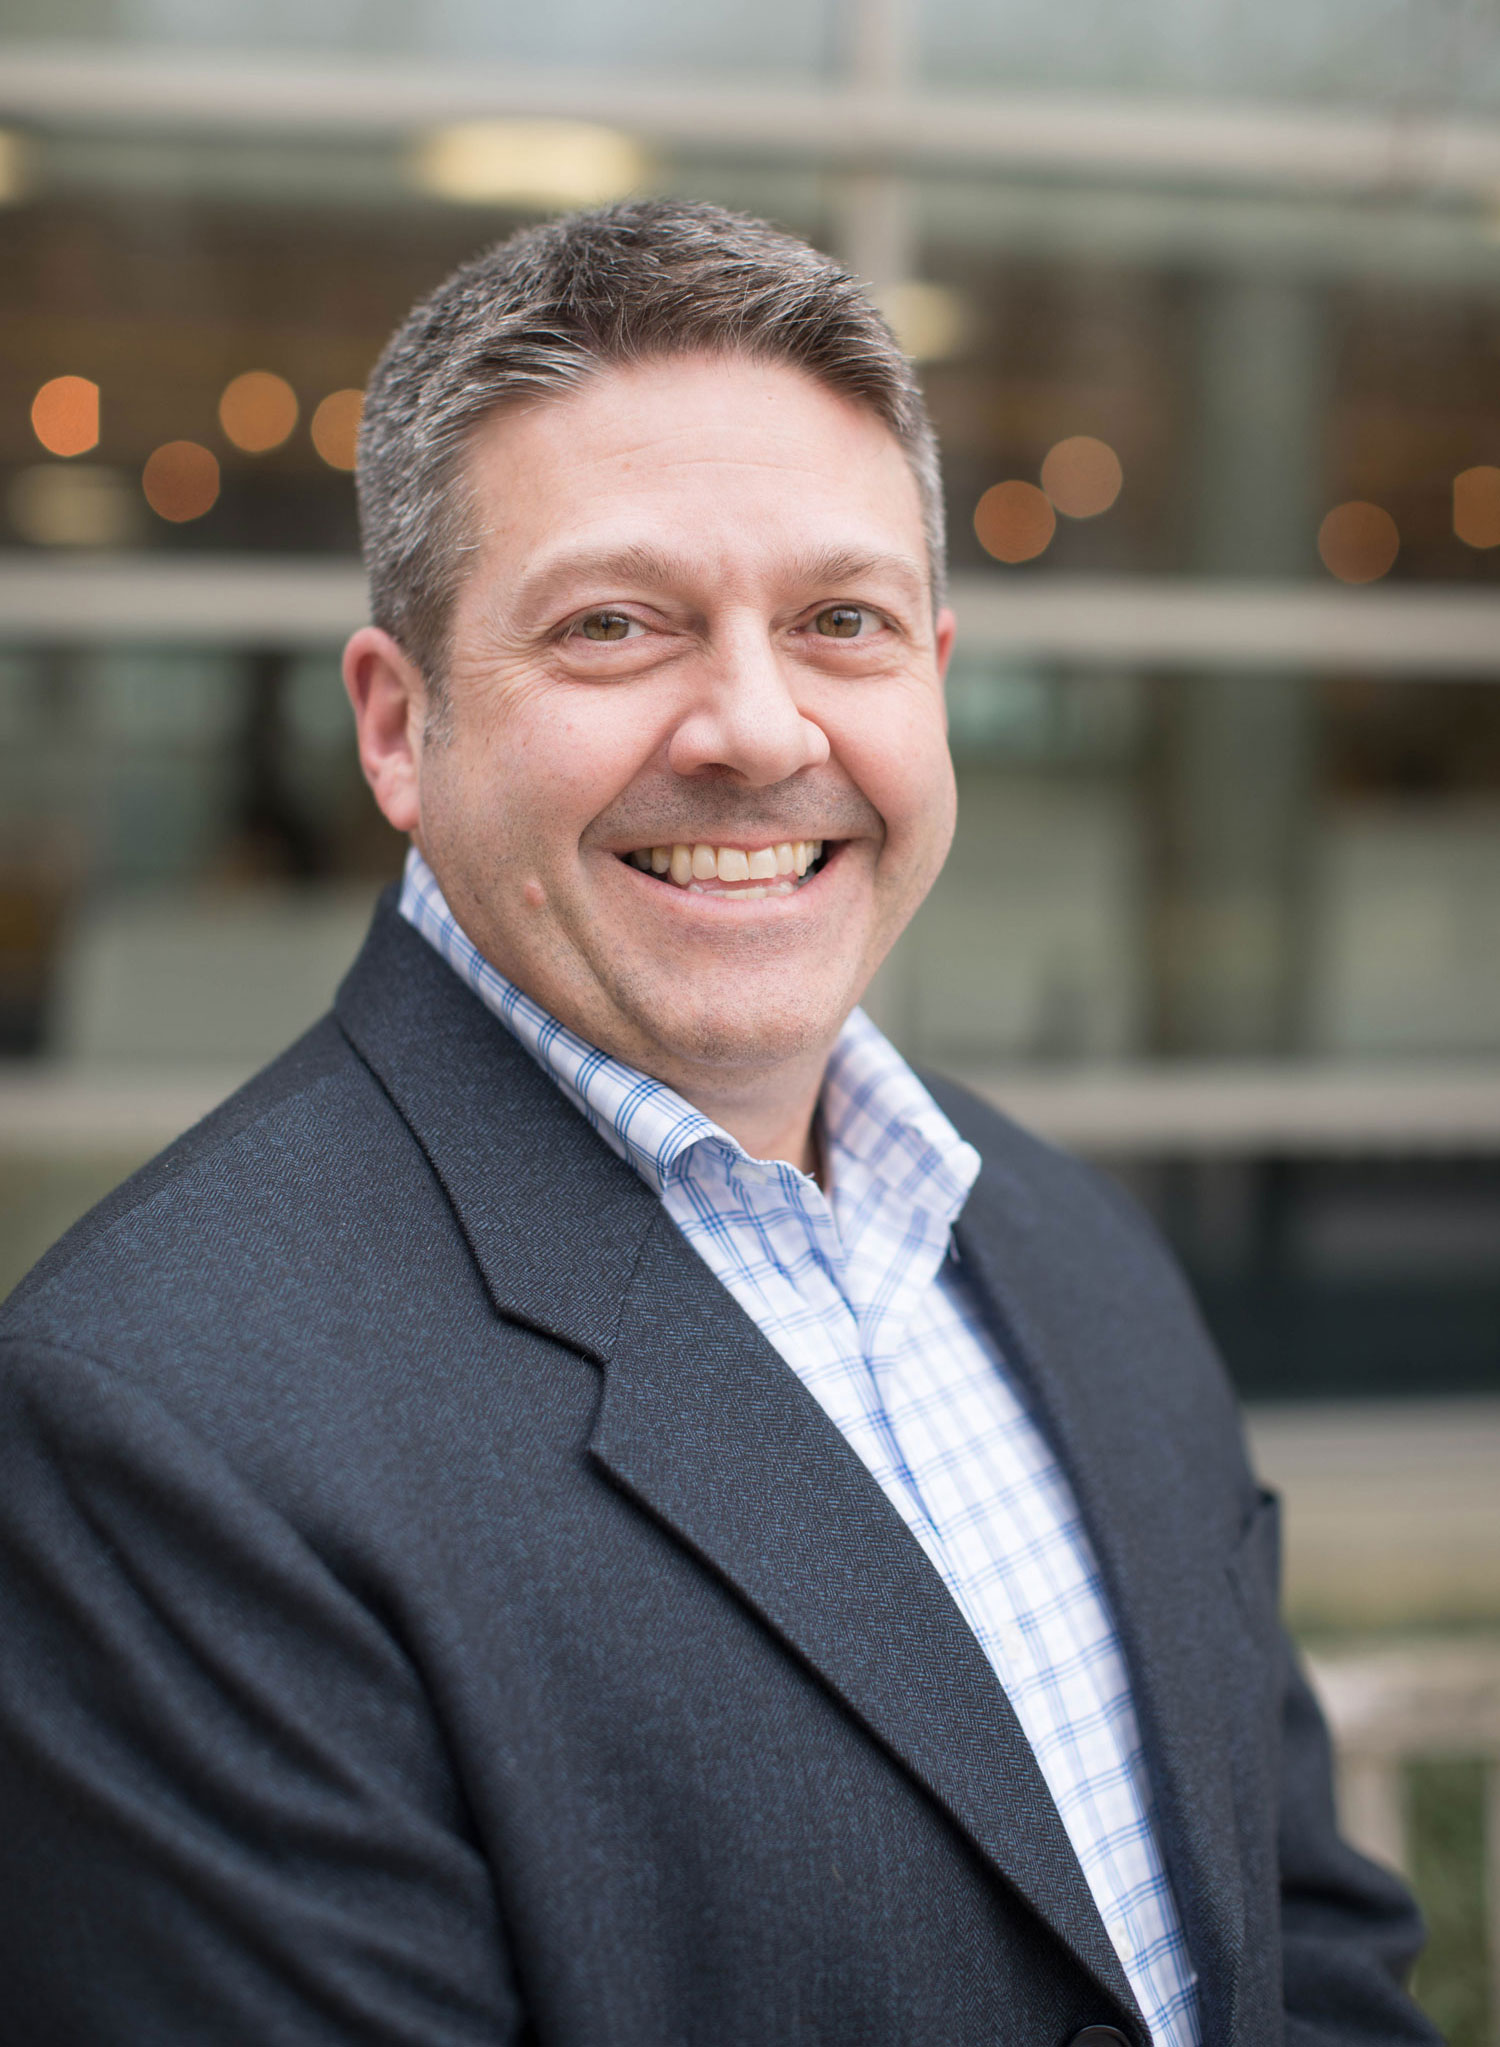 Todd Huntley Headshot